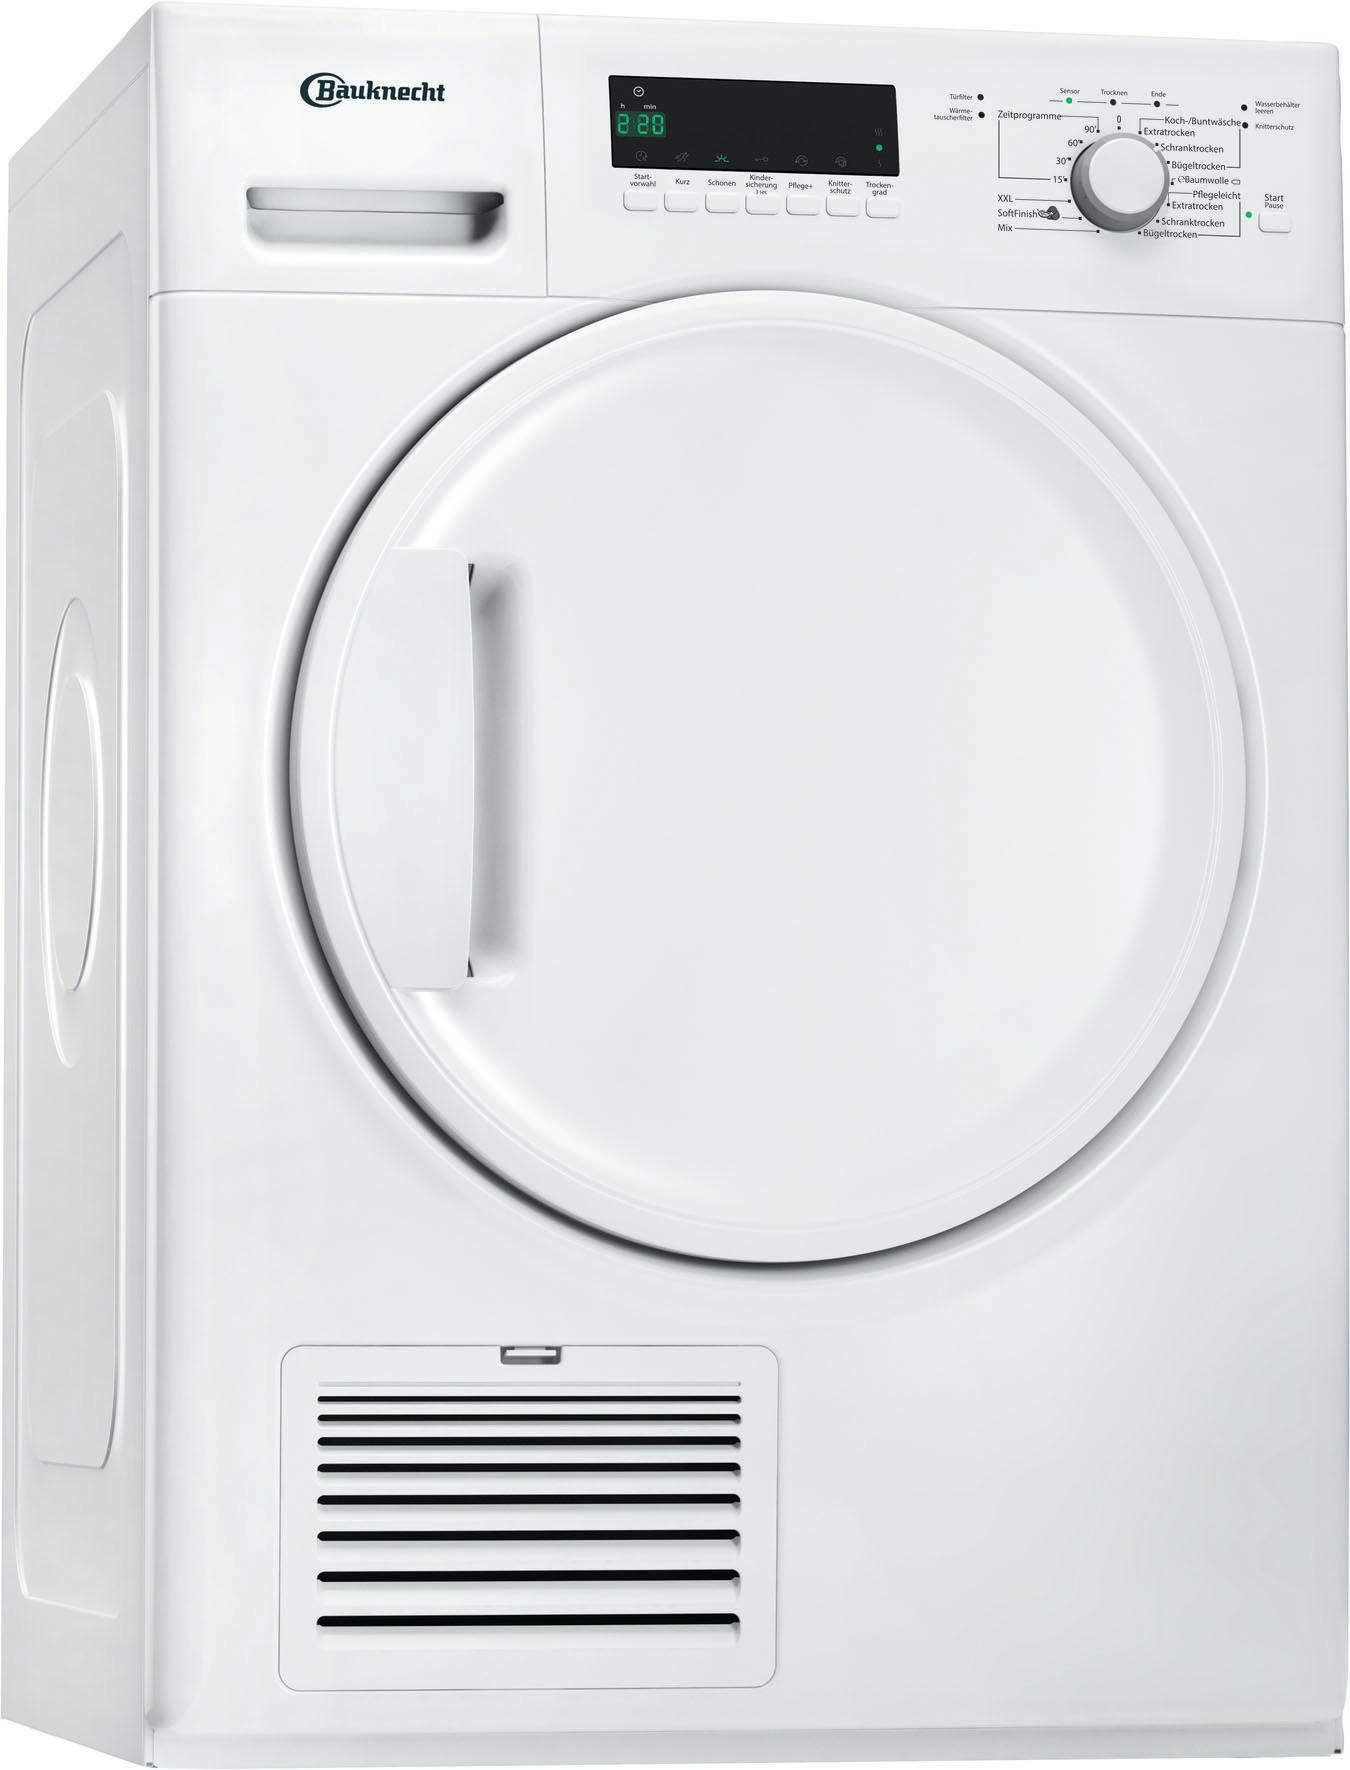 BAUKNECHT Bauknecht TK Plus 7A3BW Wärmepumpentrockner (EEK: A+++)